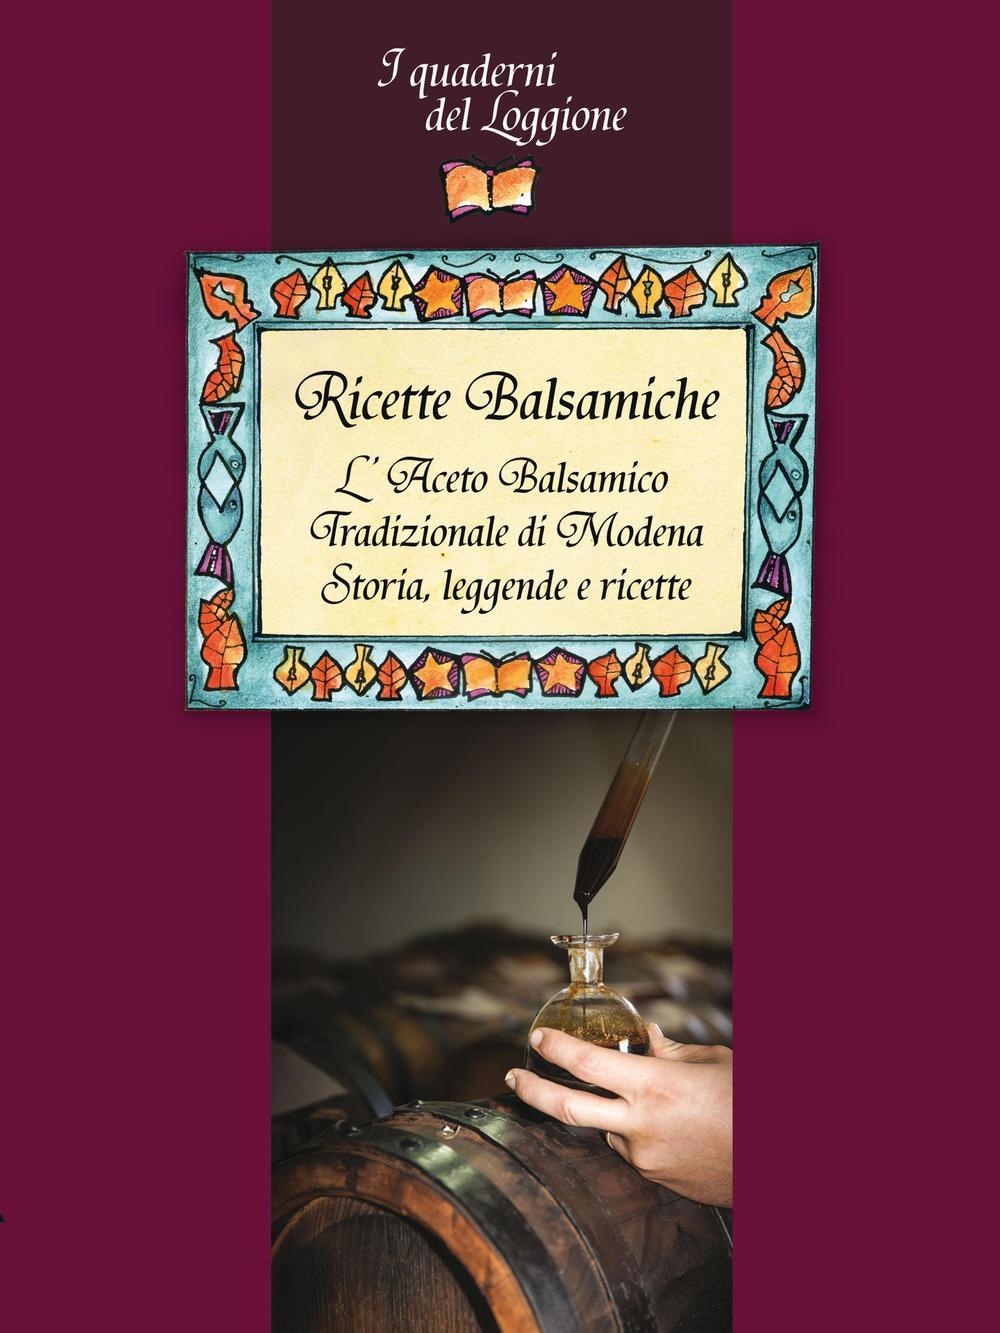 Ricette balsamiche. L'aceto balsamico tradizionale di Modena. Storia, leggende e ricette